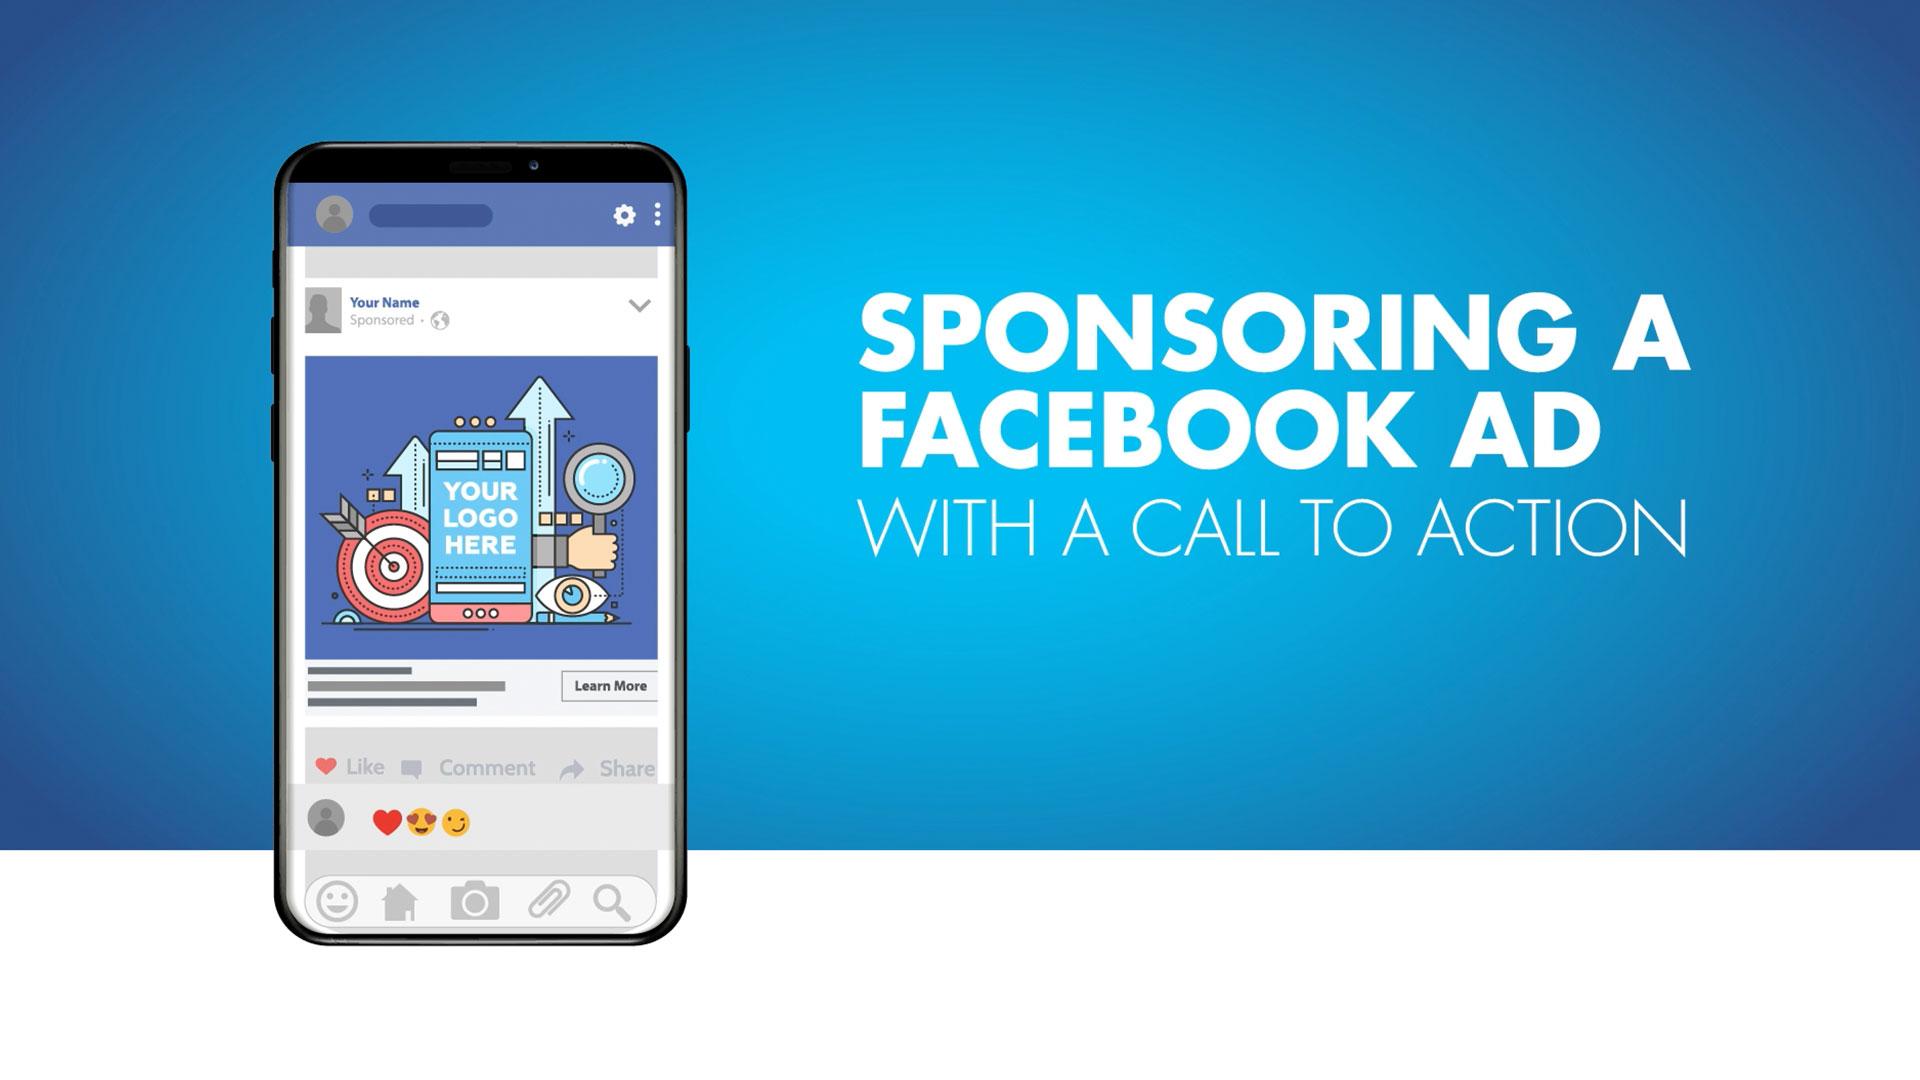 SponsoringAFacebookAd